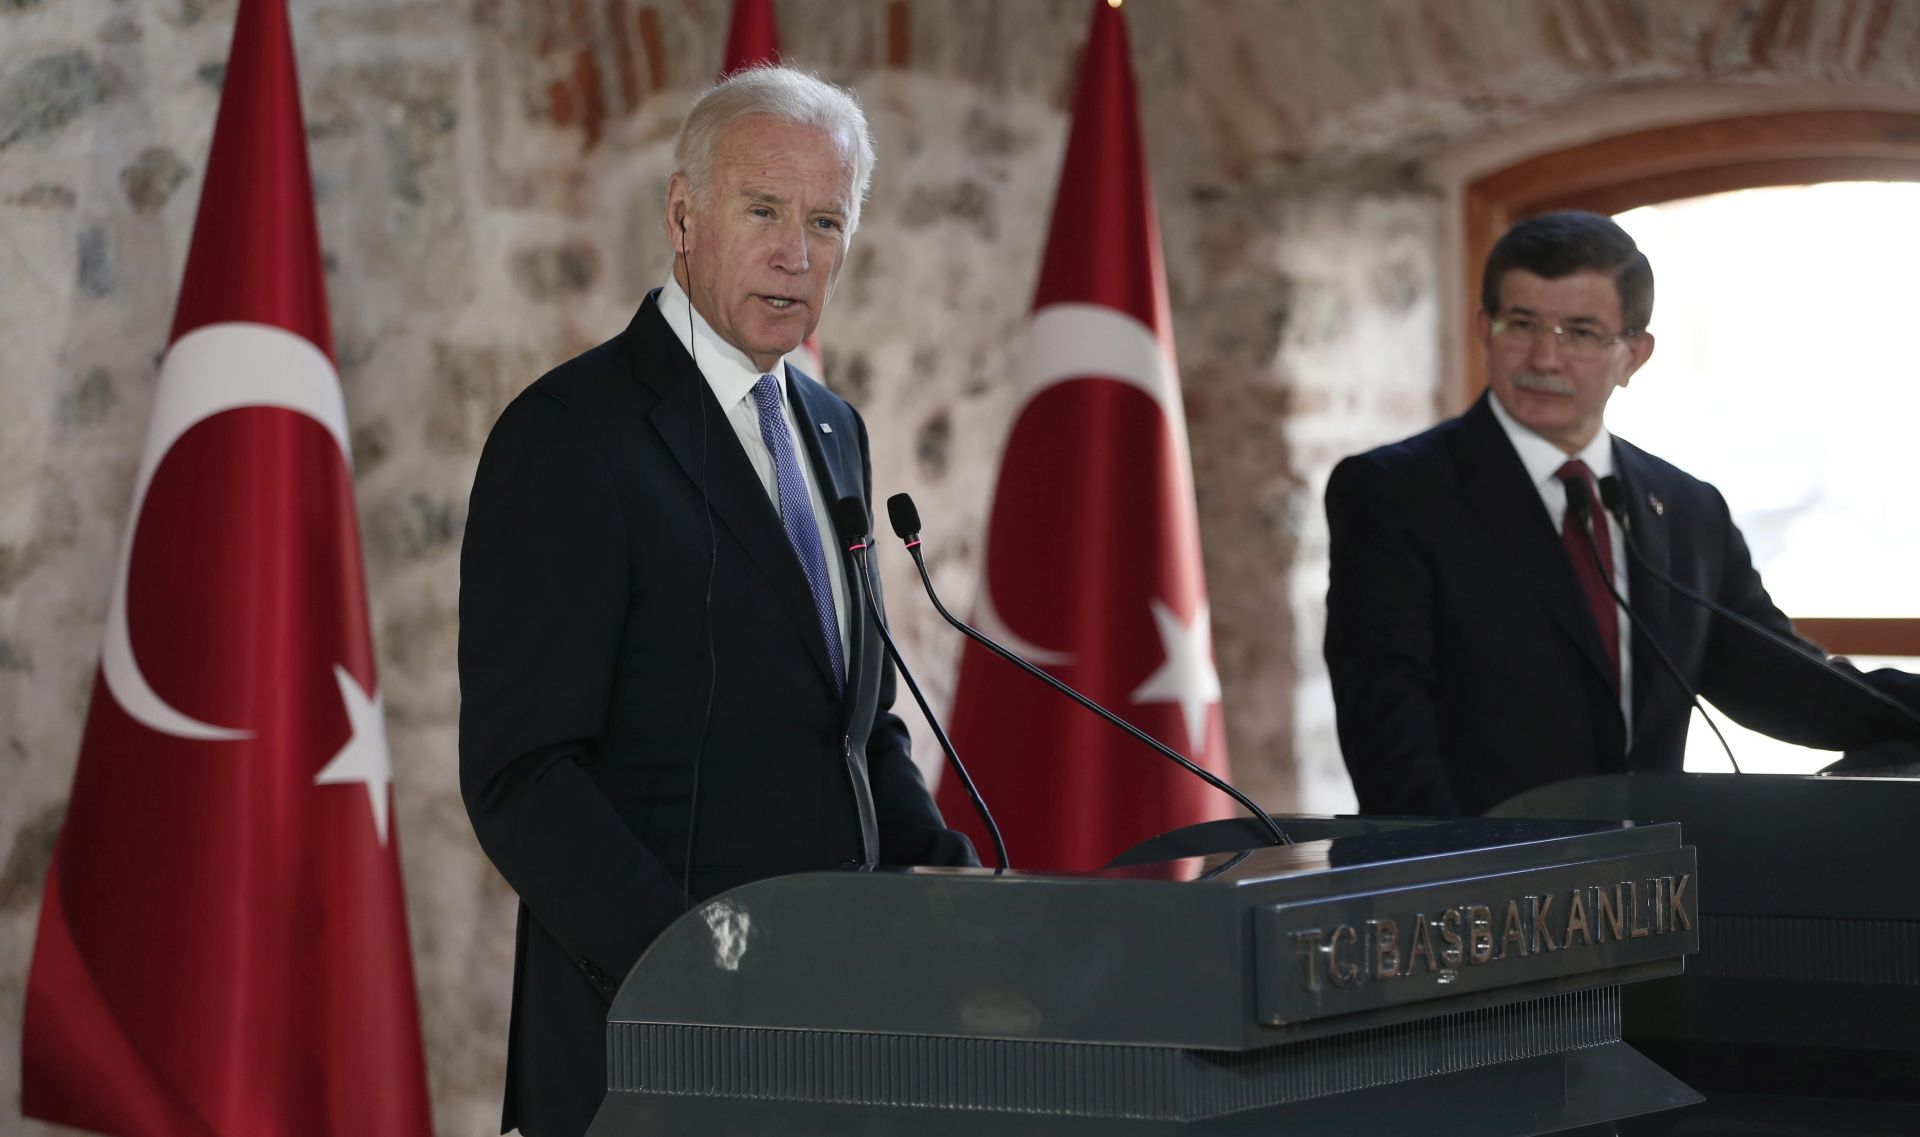 UKOLIKO NE POSTIGNU DOGOVOR: SAD spreman na vojno rješenje protiv Islamske države u Siriji